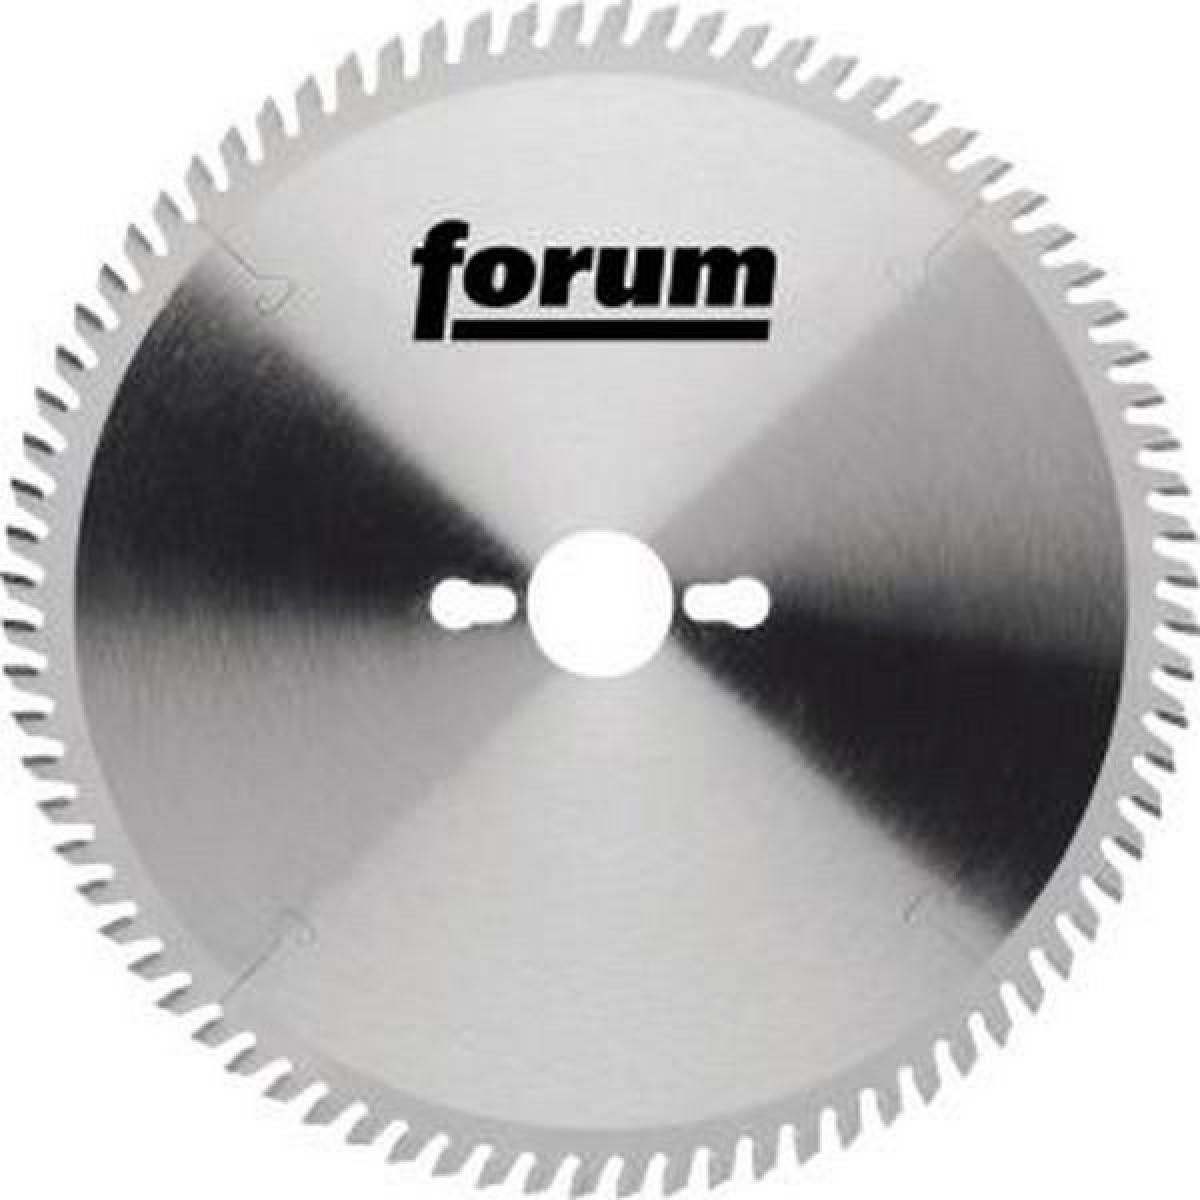 Forum Lame de scie circulaire, Ø : 225 mm, Larg. : 2,5 mm, Alésage 30 mm, Perçages secondaires : -, Dents : 68